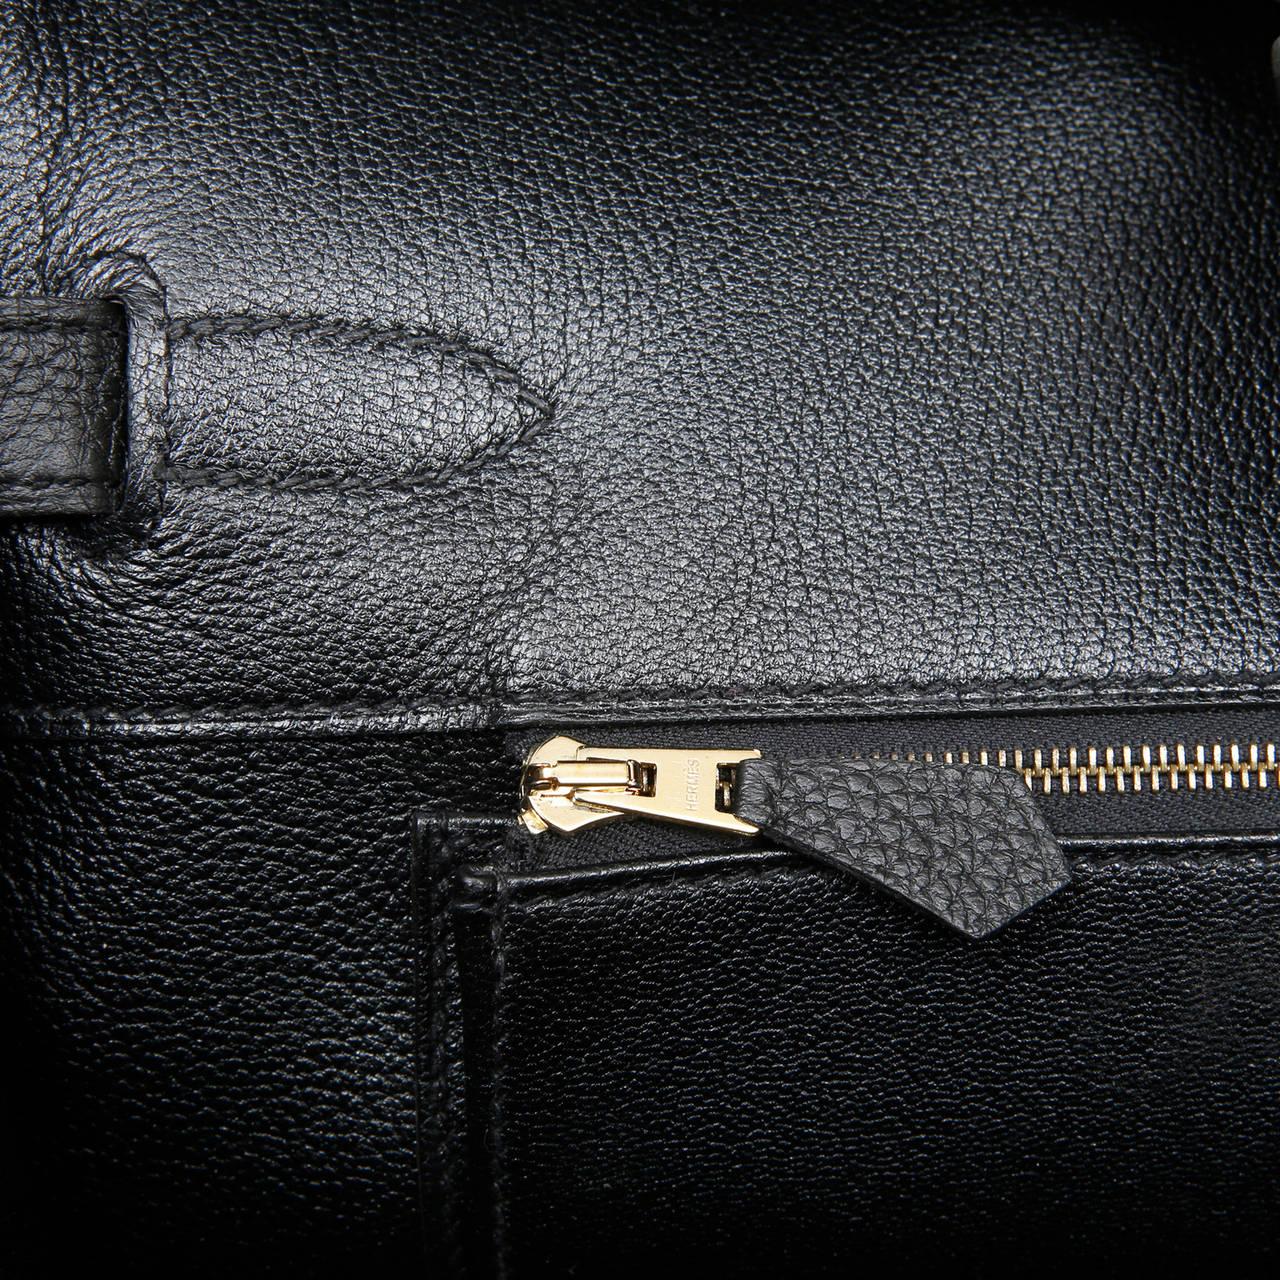 Hermes Black Togo Leather Birkin GHW 35 cm at 1stdibs